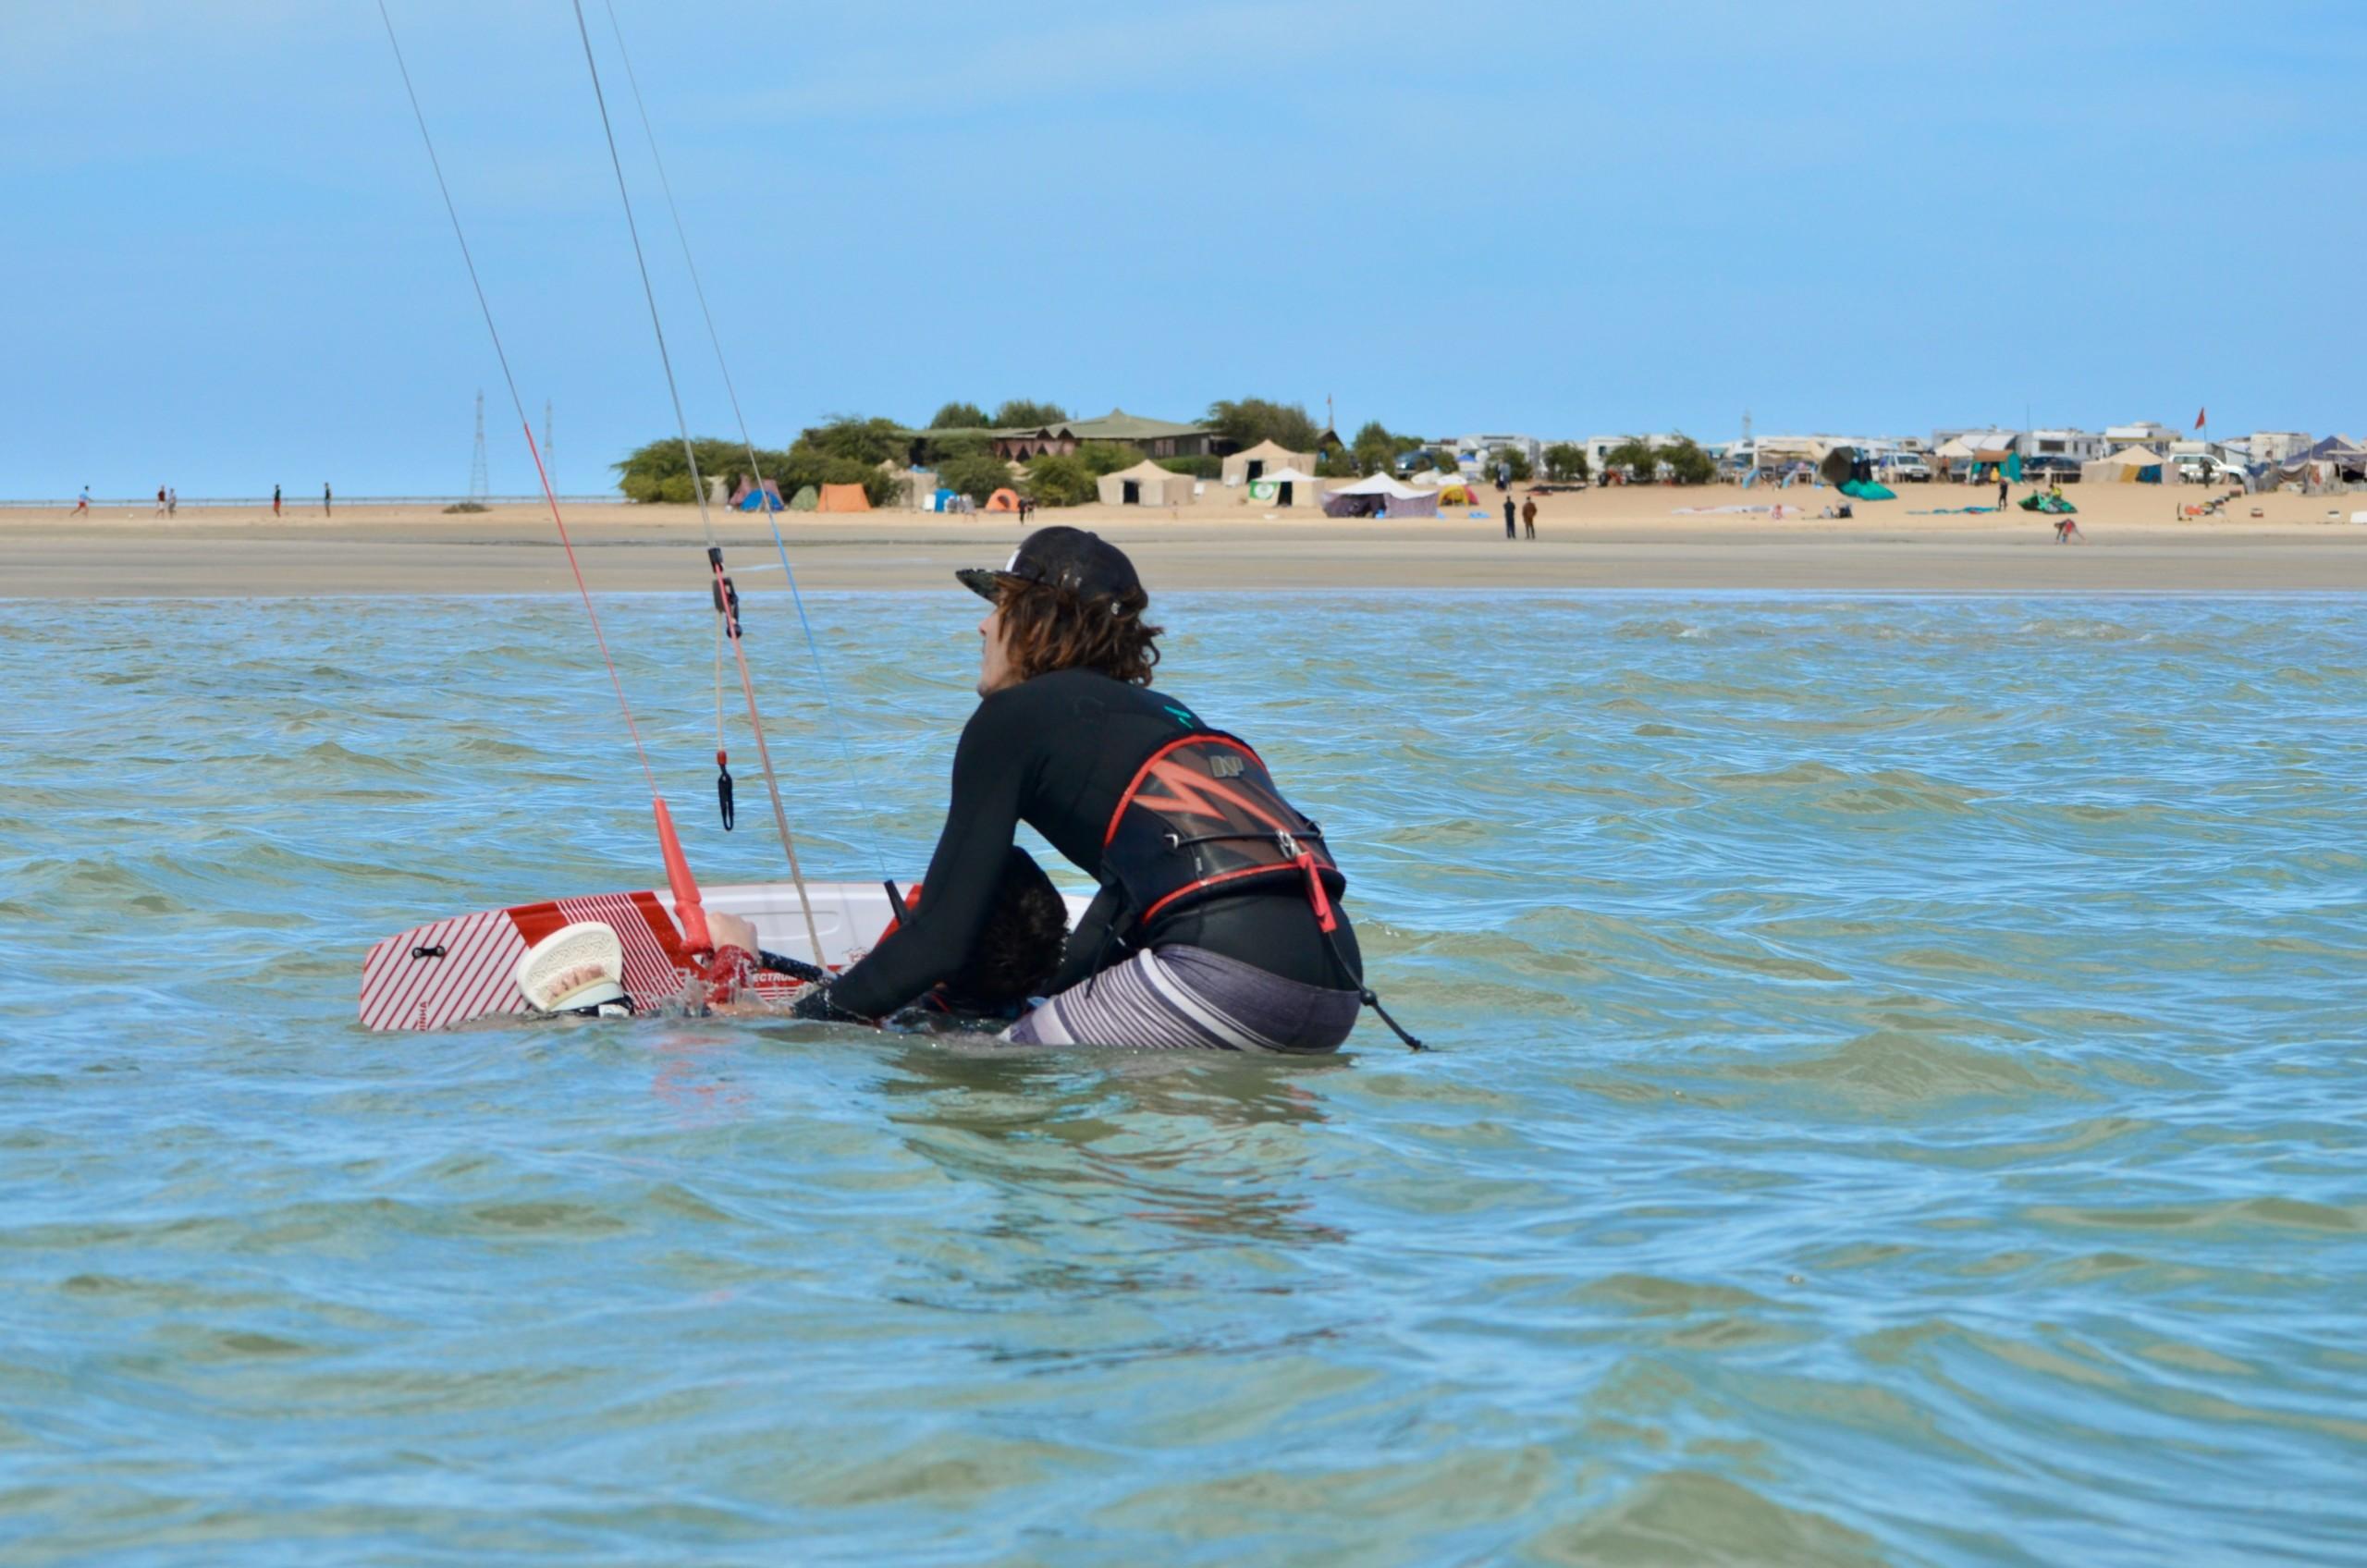 Waterstart avec stagiaire kitesurf